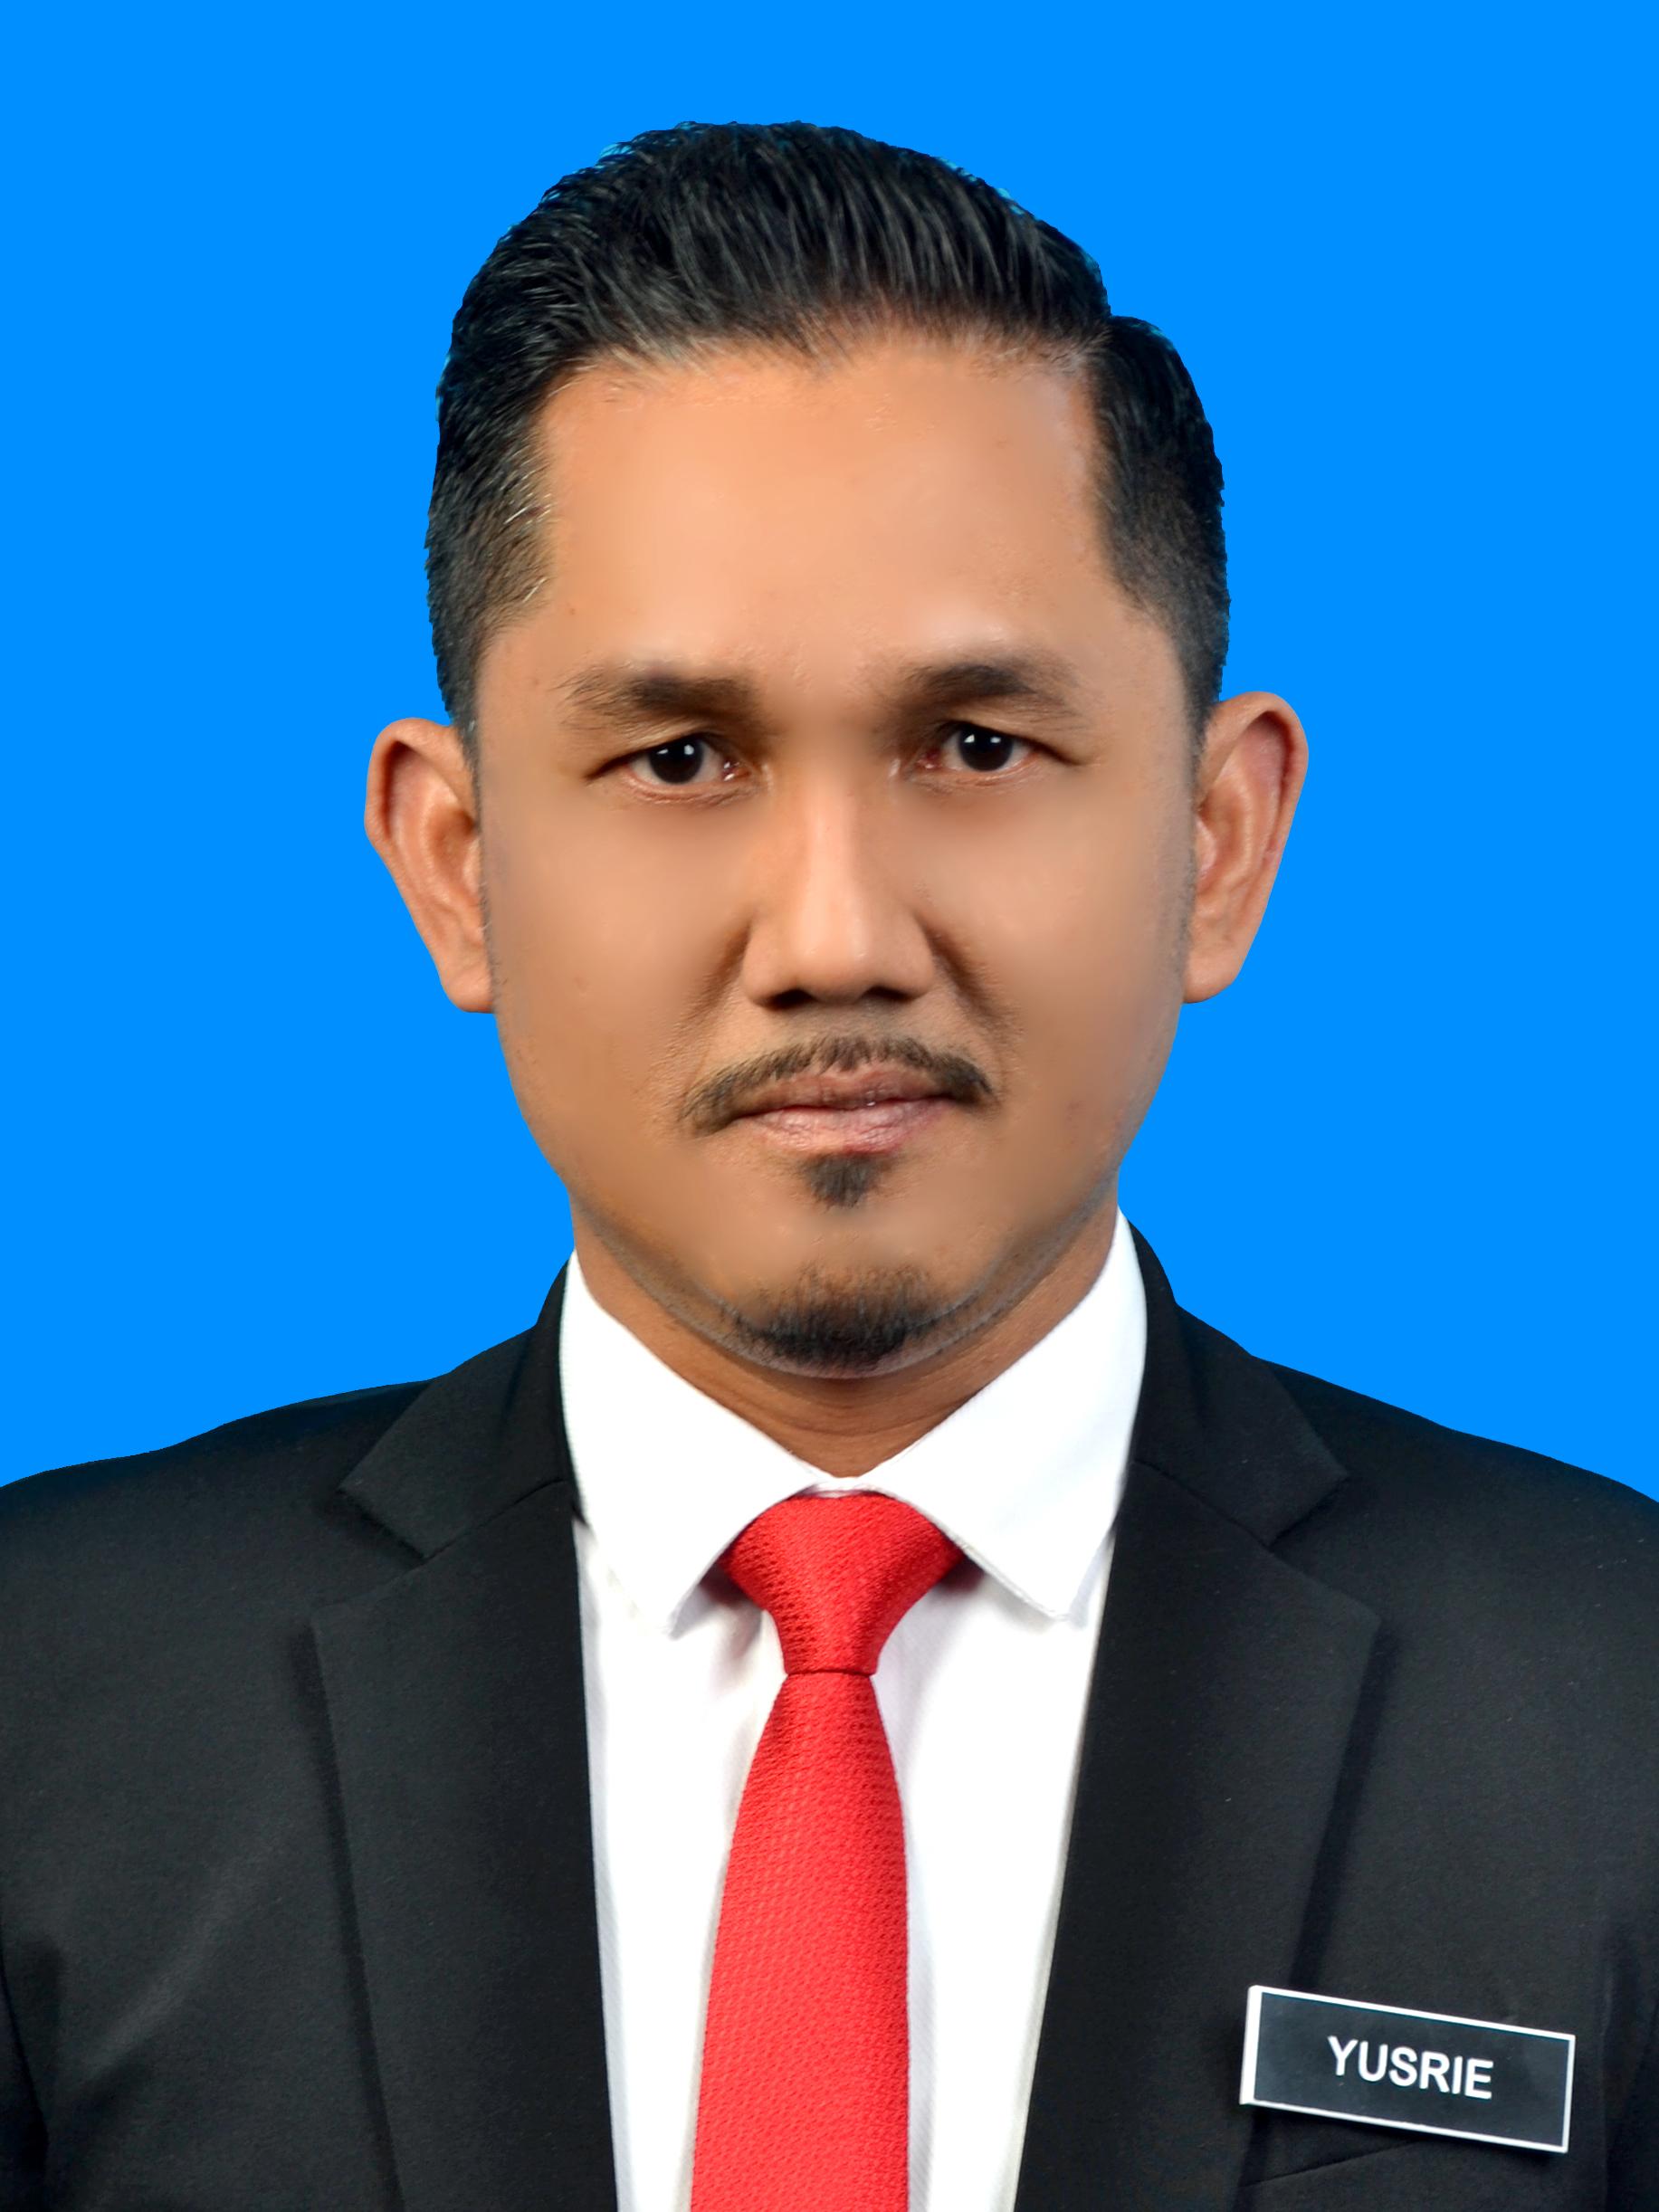 Mohammad Yusrie bin Mohamed Shafie